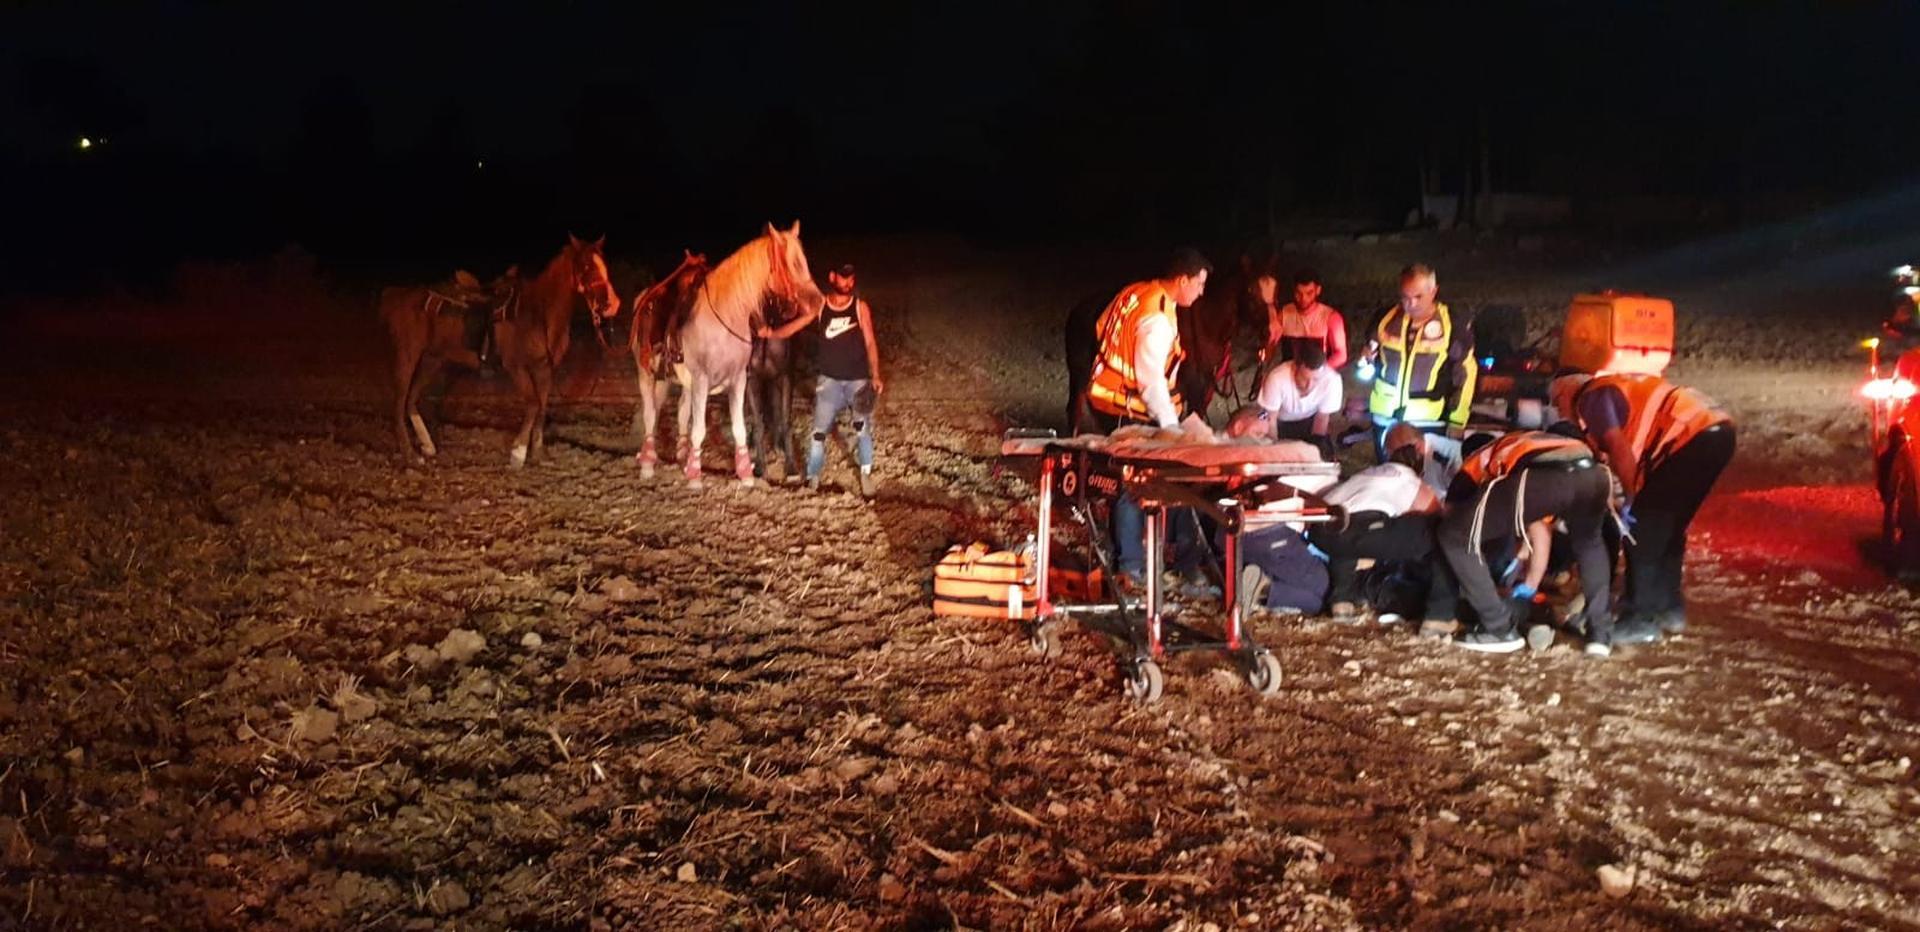 מזירת האירוע ביער בן שמן | צילום: דוברות איחוד הצלה